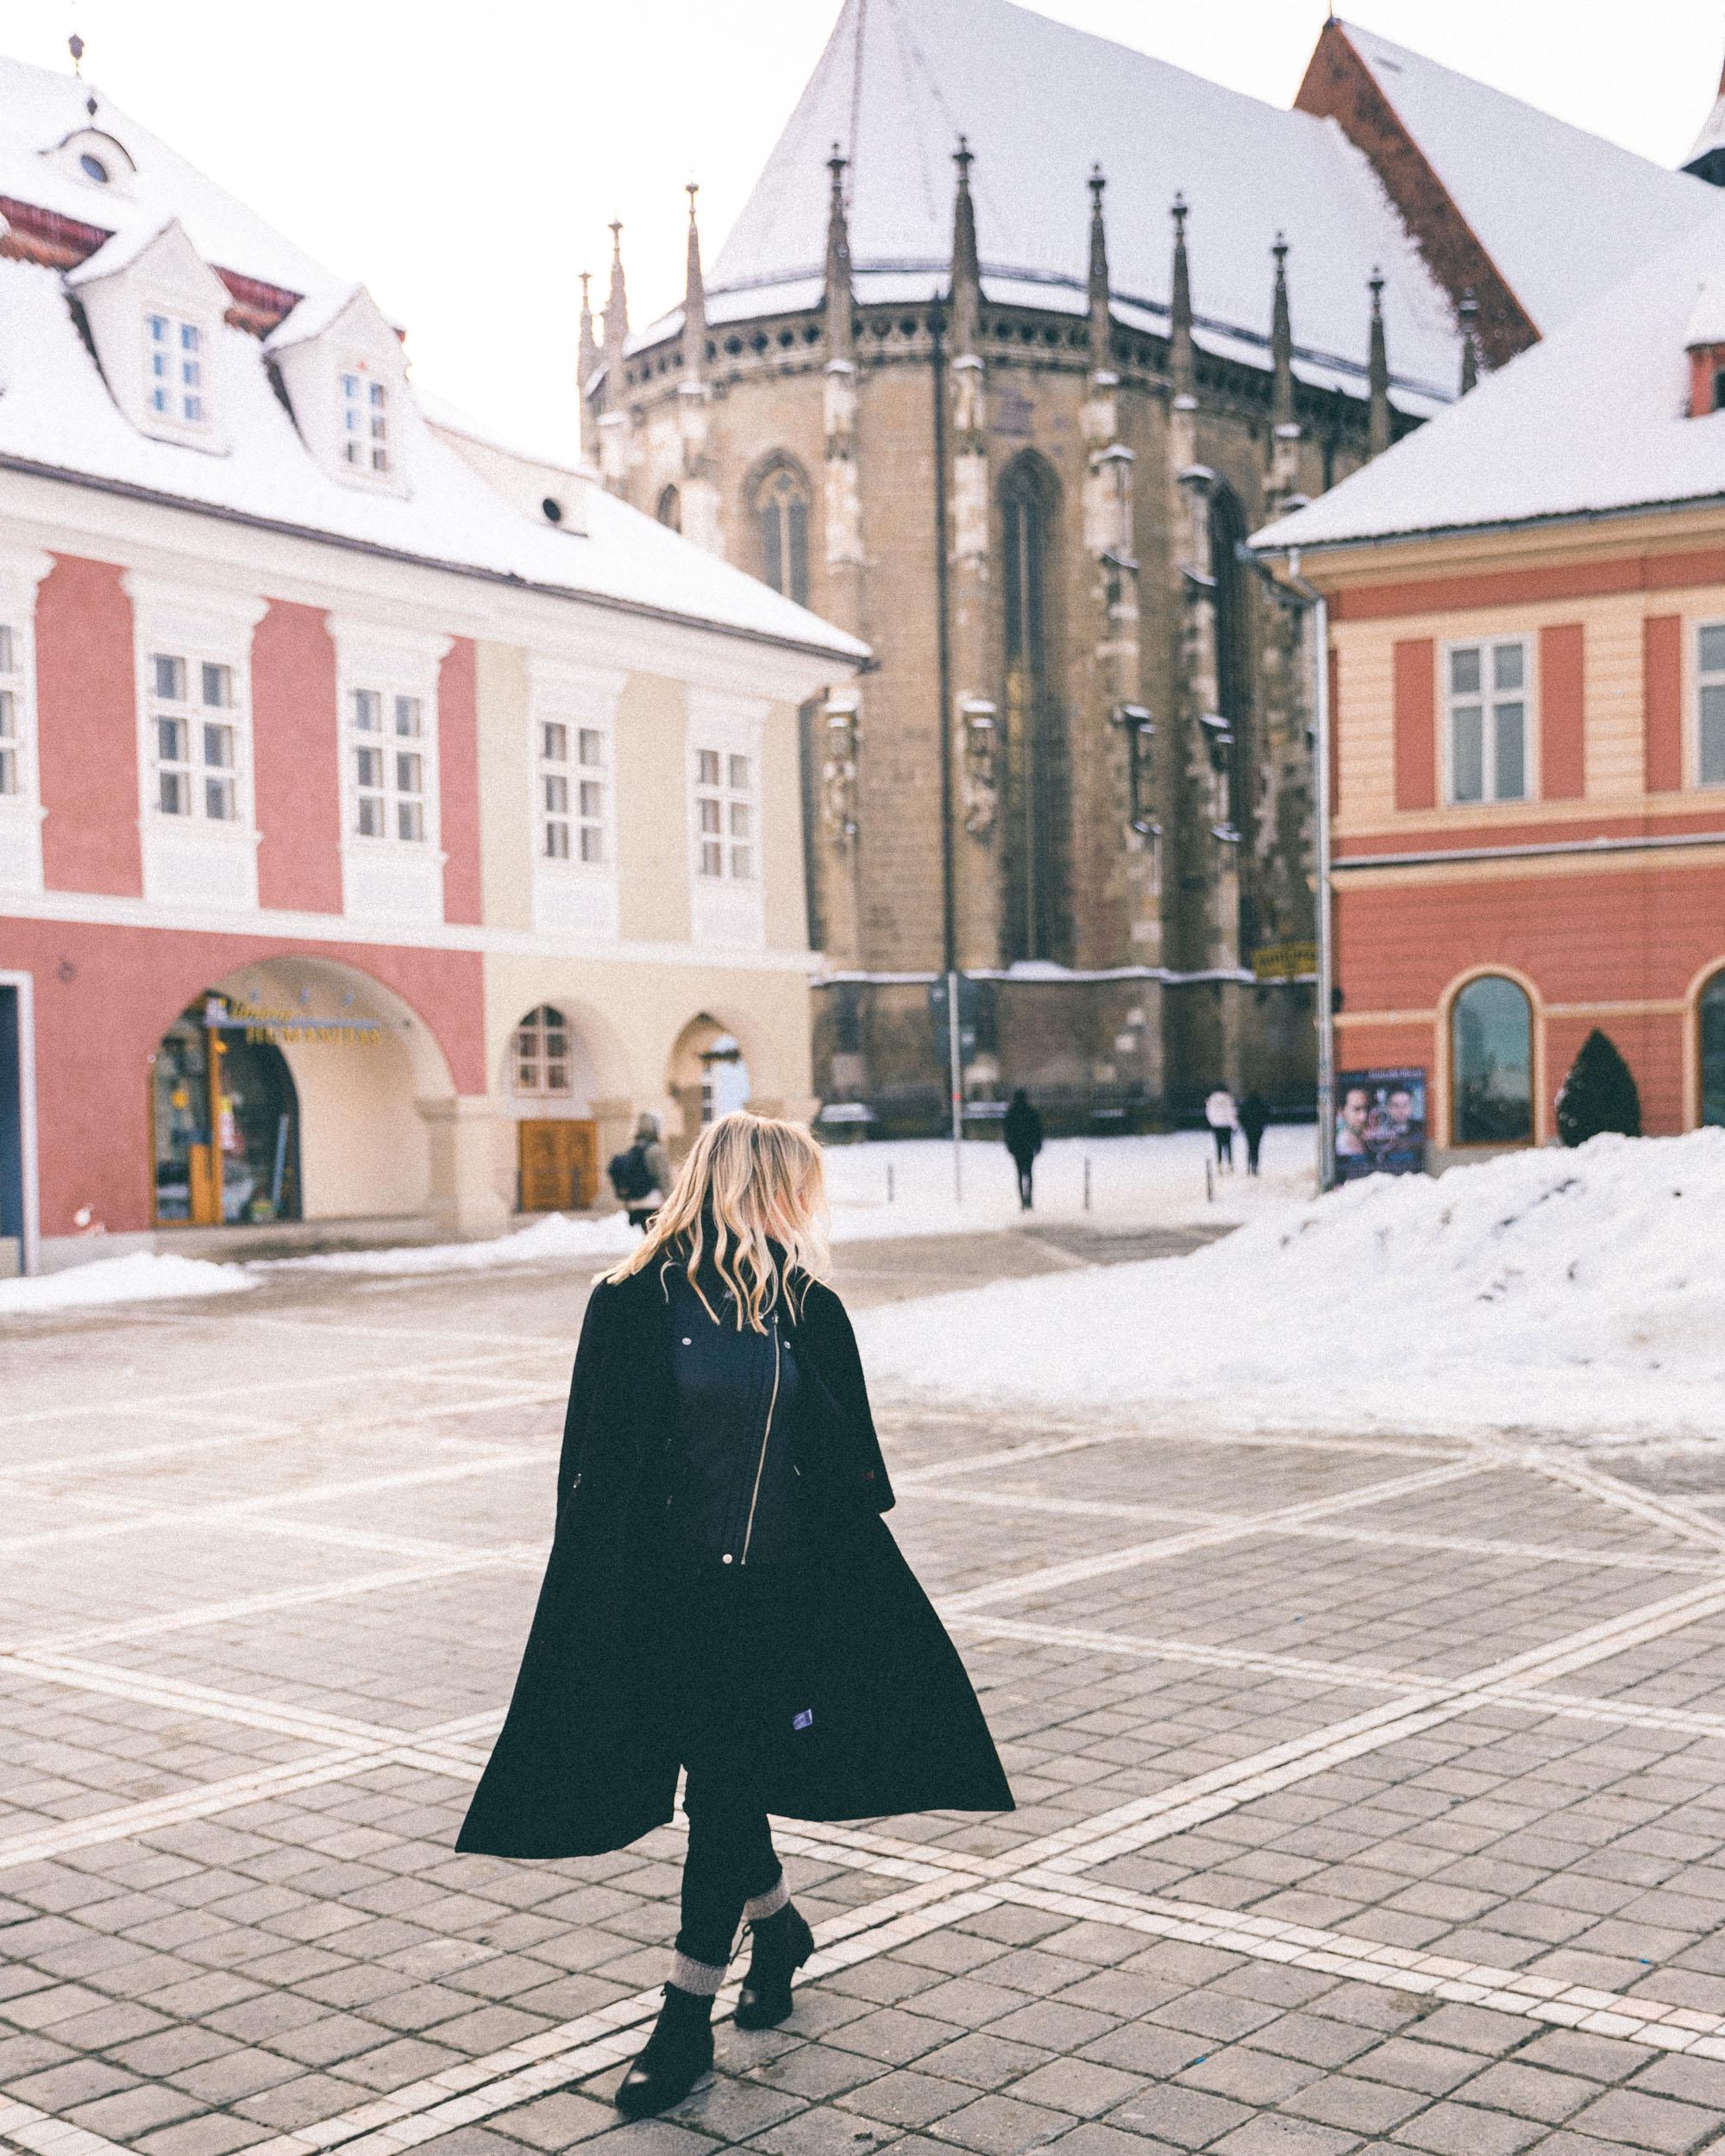 town square pastel city of poiana brasov romania